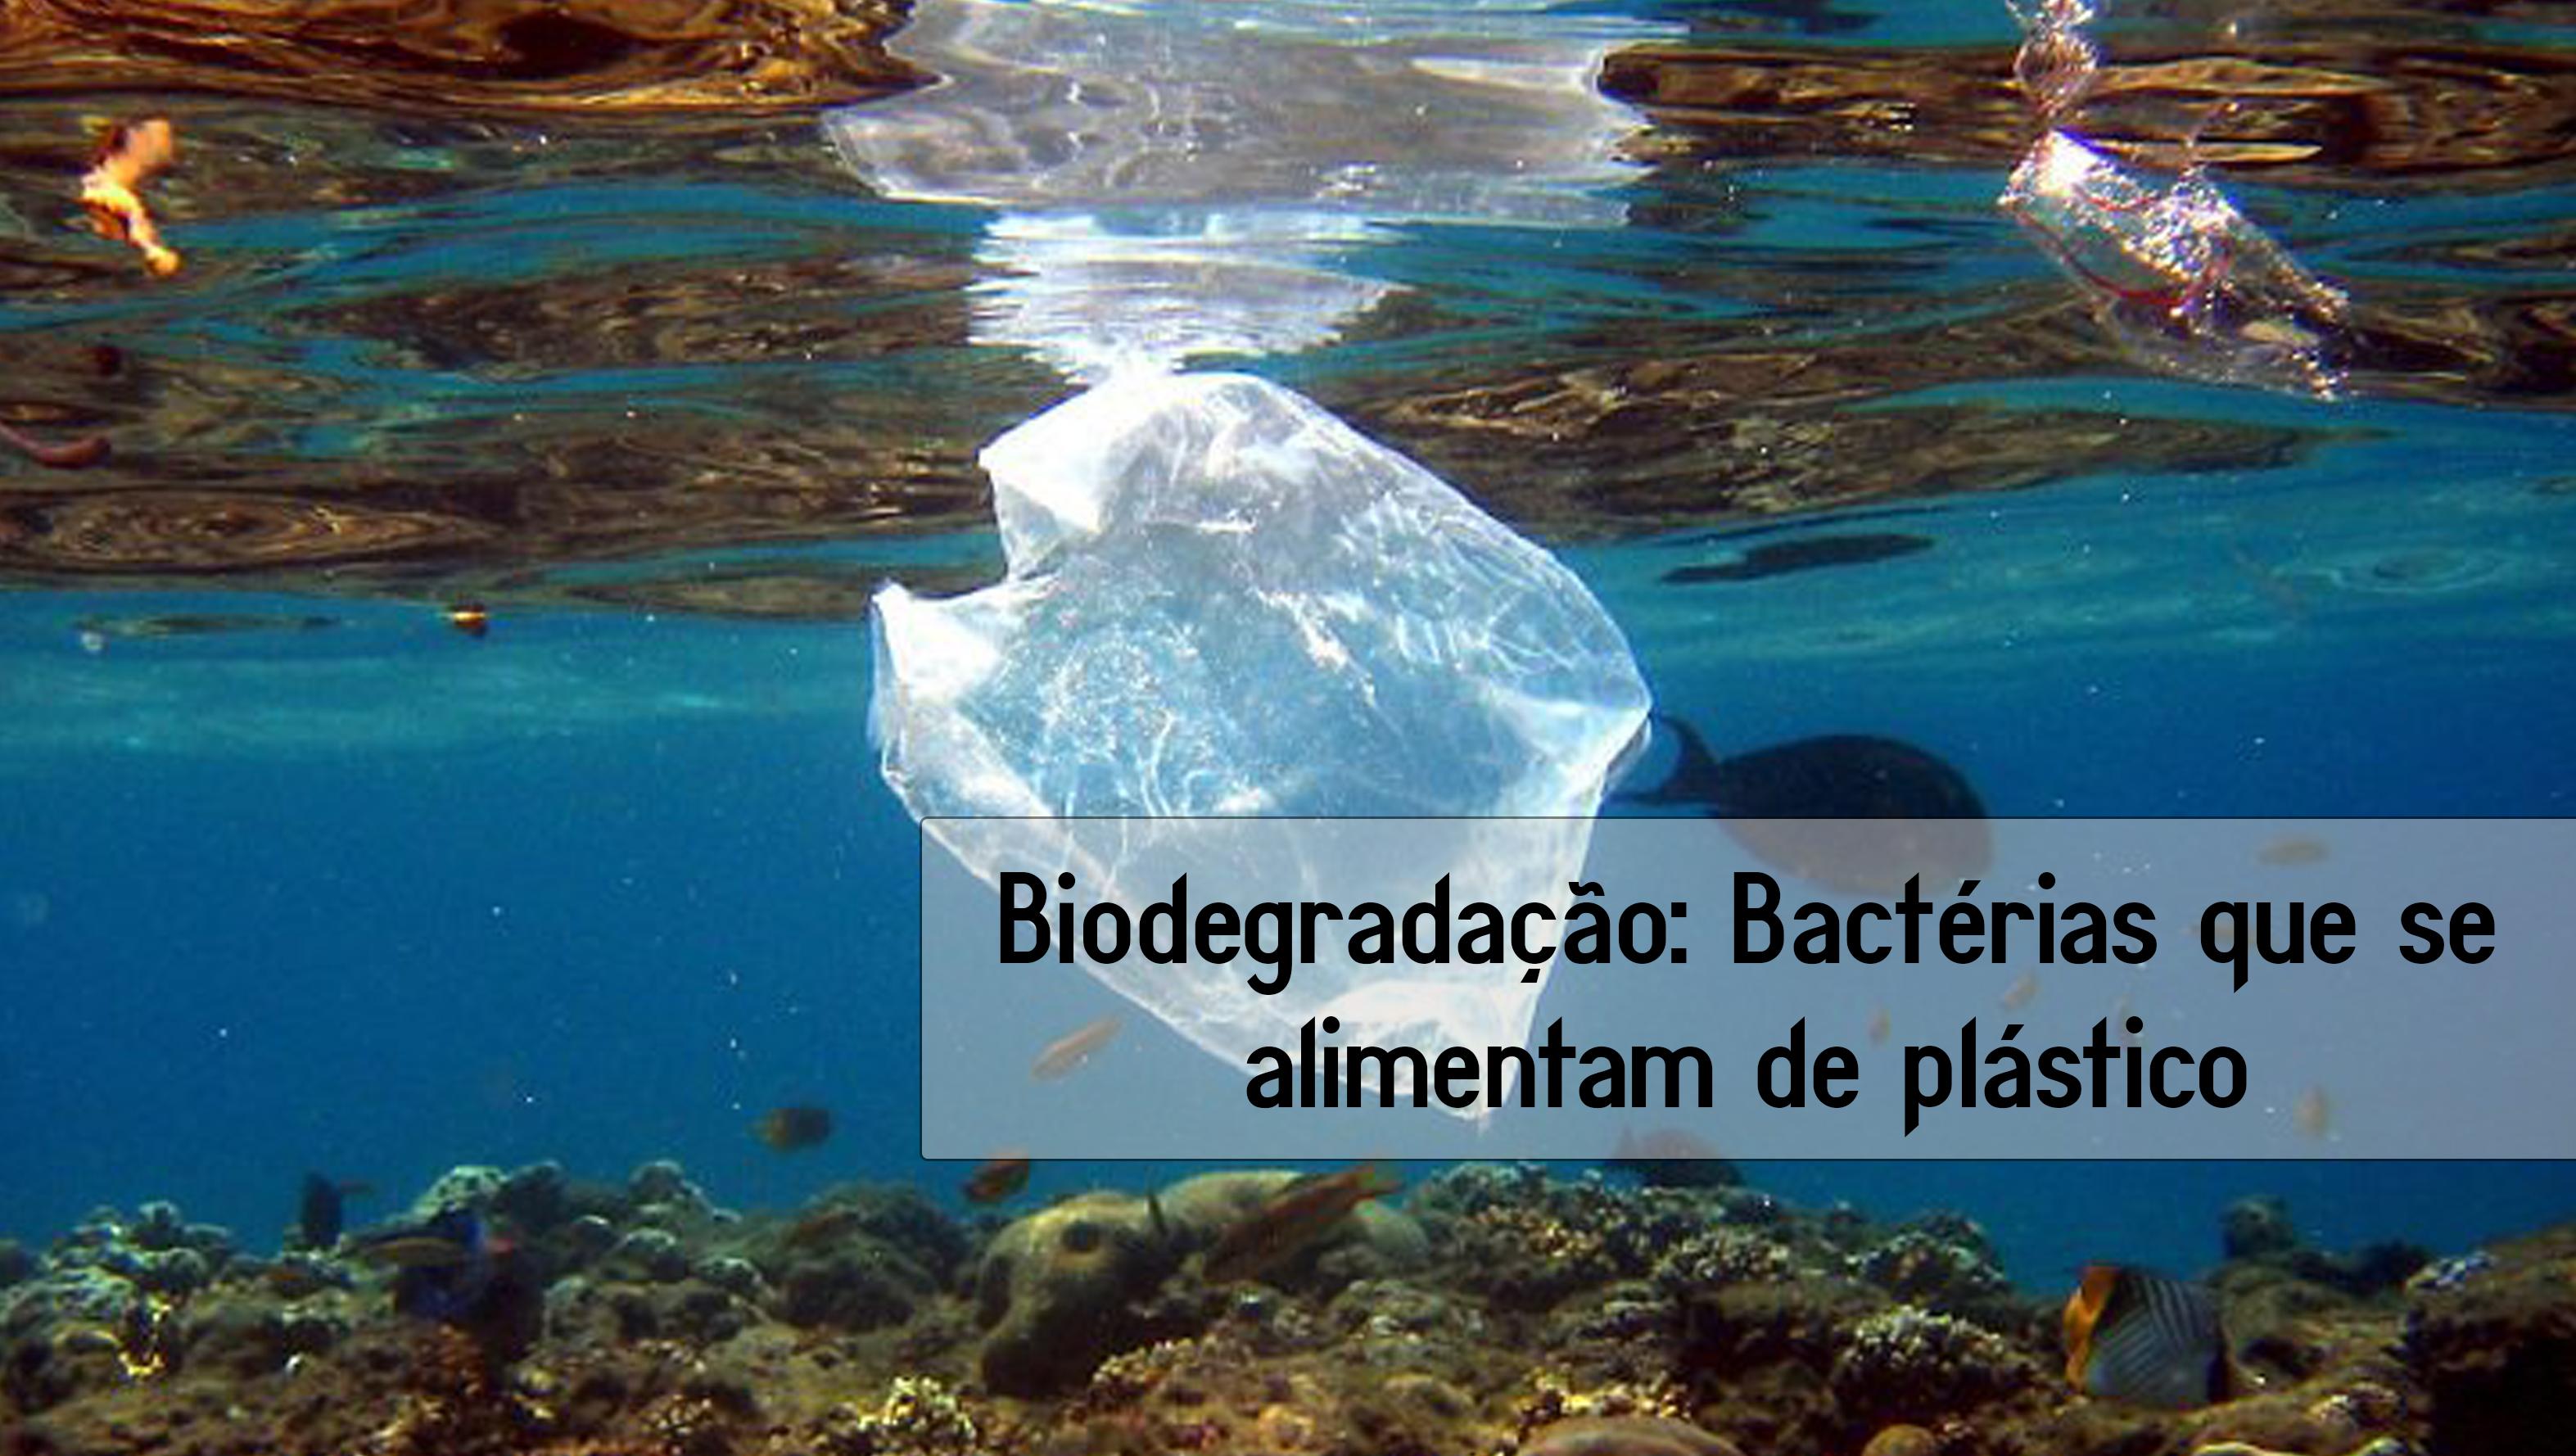 Biodegradação: Bactérias que se alimentam de plásticos